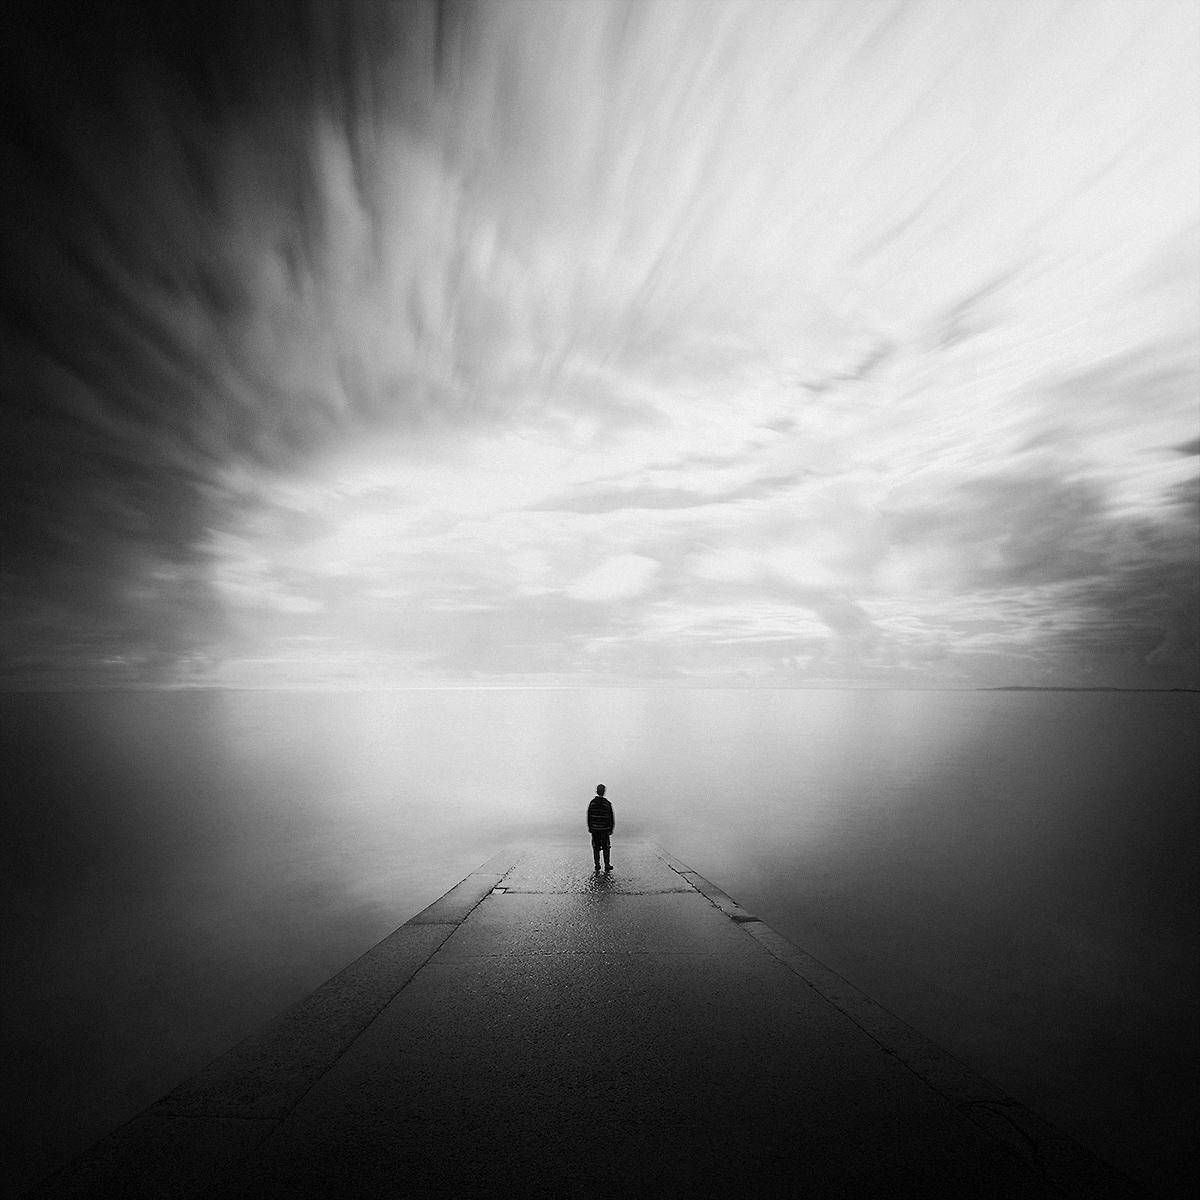 I alone II